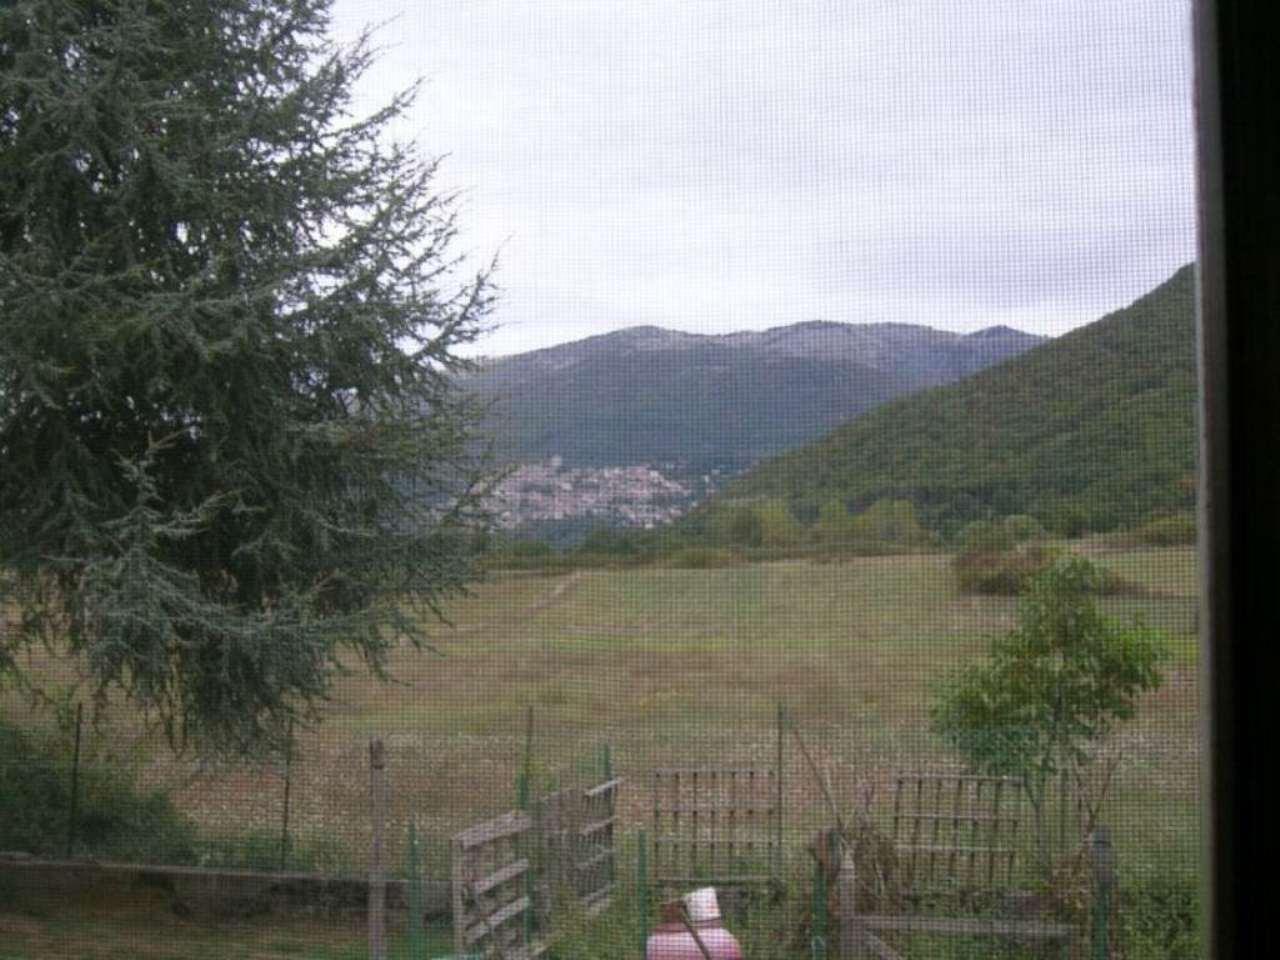 Rocca di Botte Vendita APPARTAMENTO Immagine 3